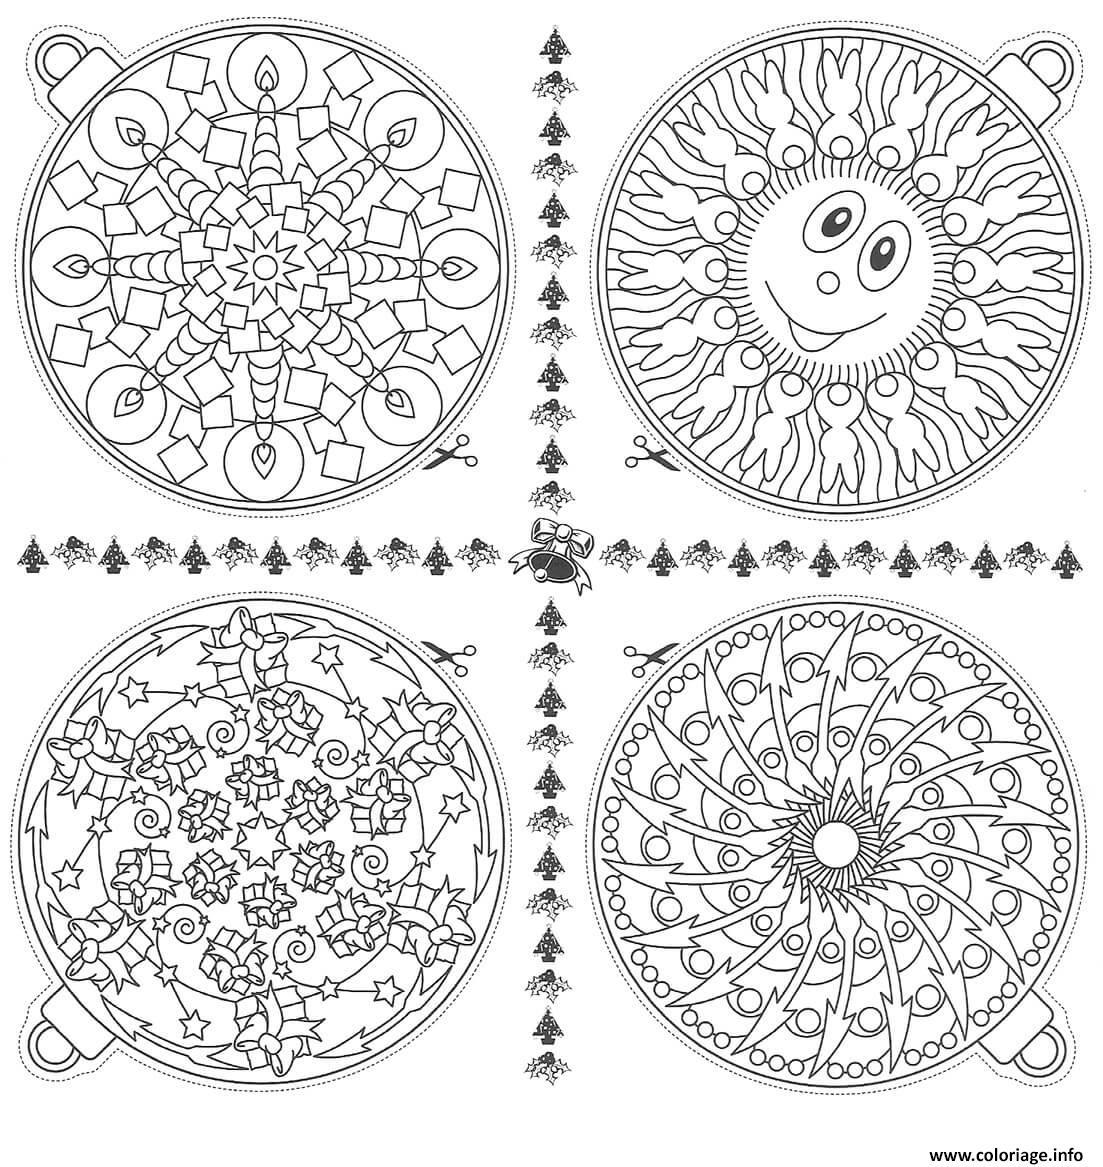 Coloriage boules de noel mandala dessin - Coloriage de mandala de noel ...